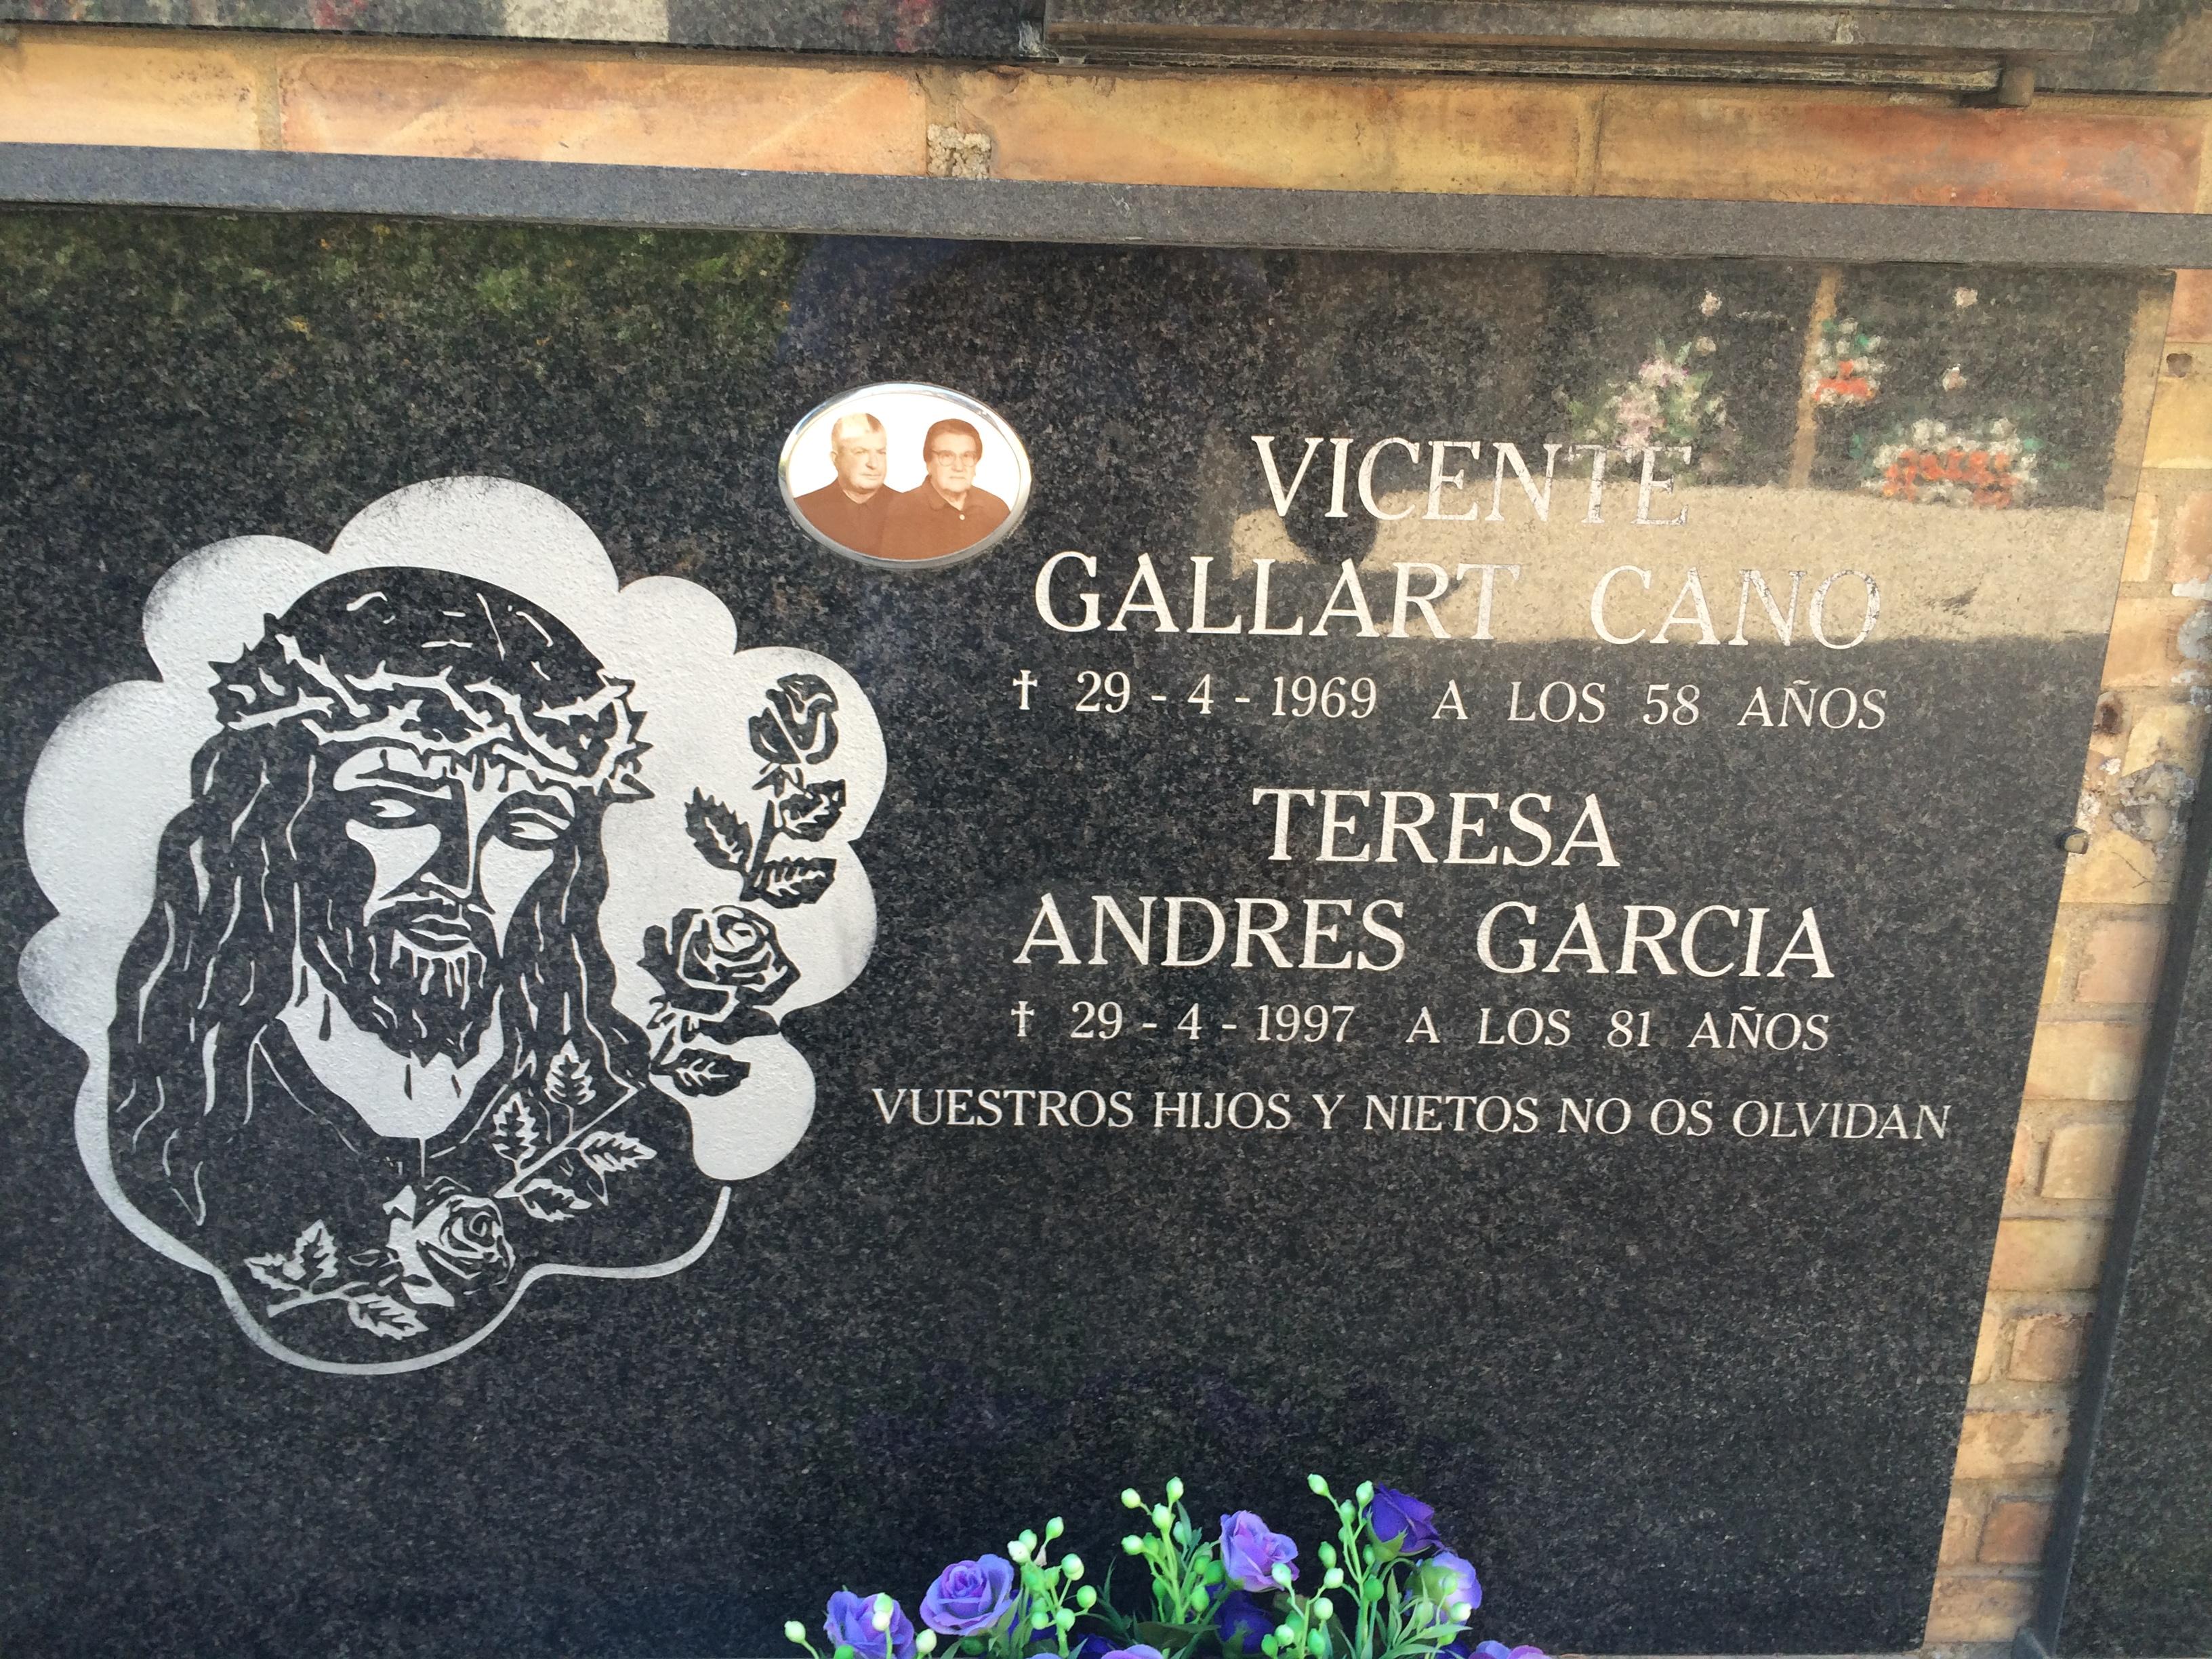 Teresa Andrés García